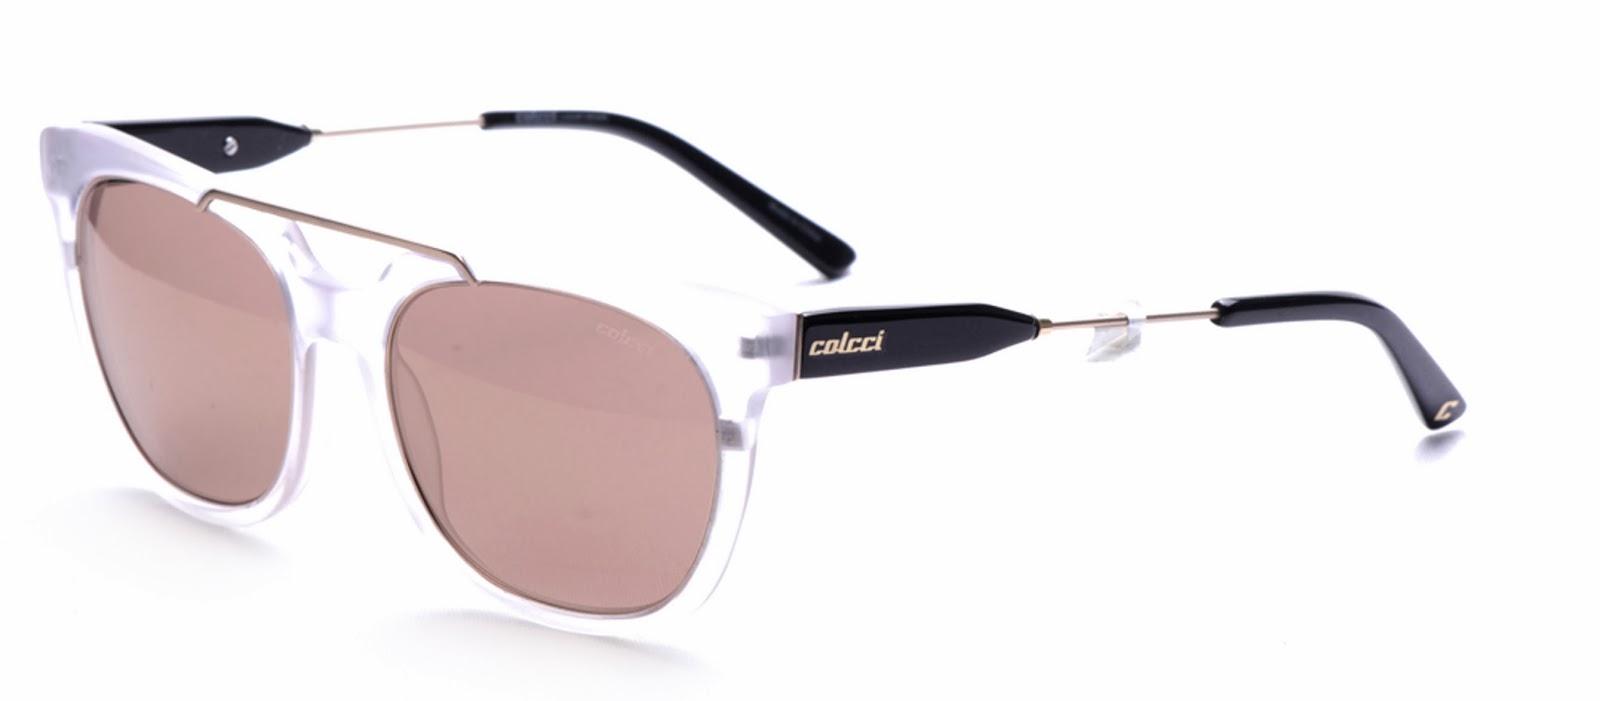 8285fb9ff5134 Segundo dados do Fórum Nacional contra a Pirataria e a Ilegalidade, os  óculos pitaras representaram 41% das vendas em 2012.